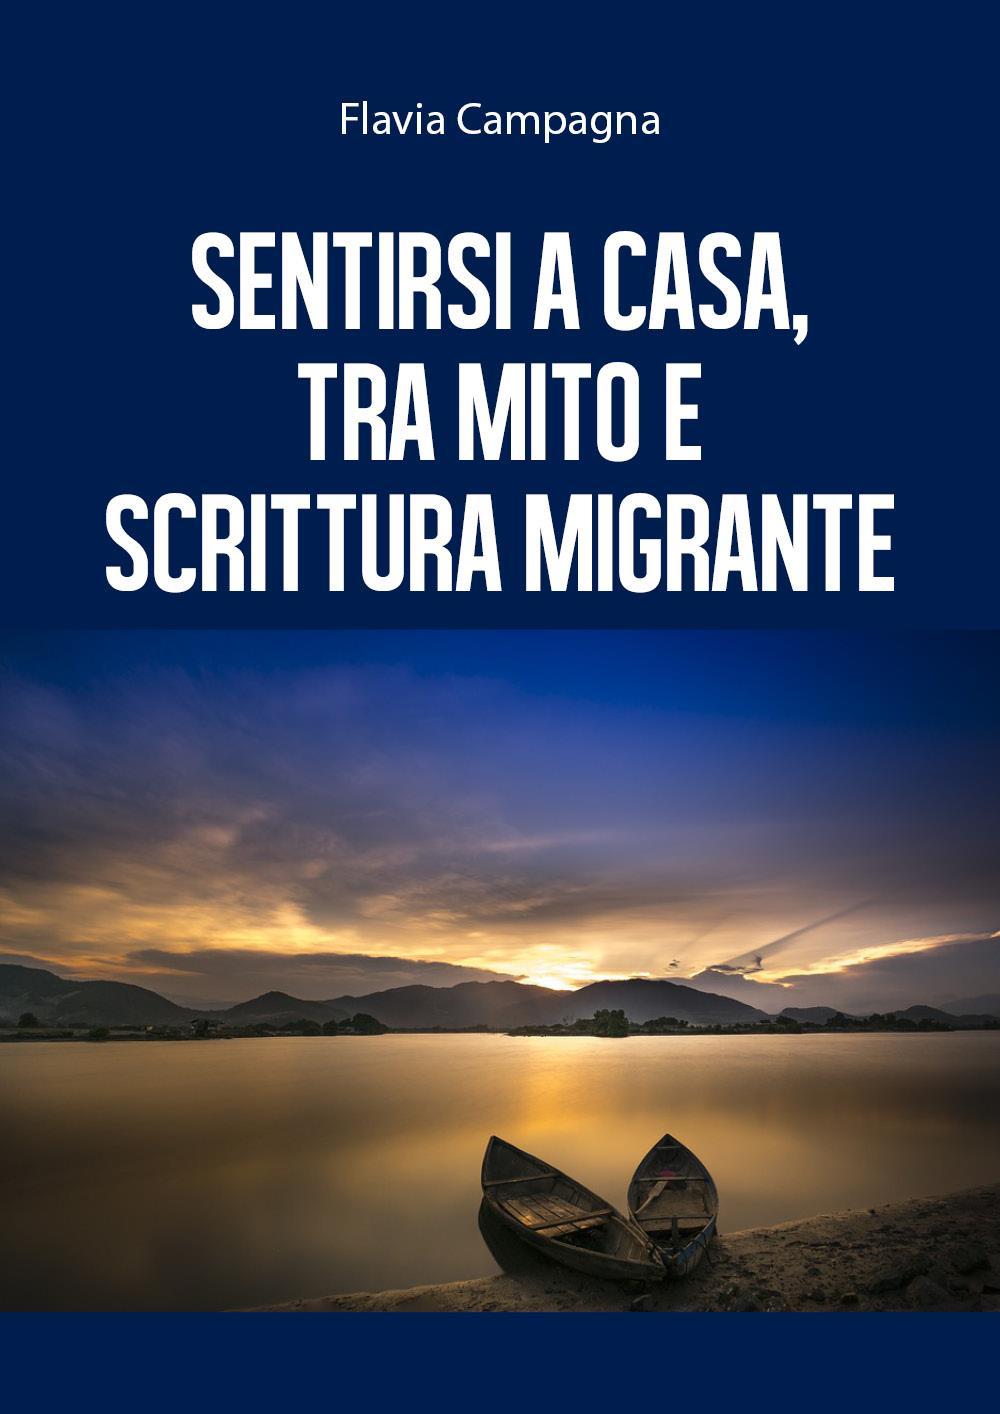 Sentirsi a casa, tra mito e scrittura migrante